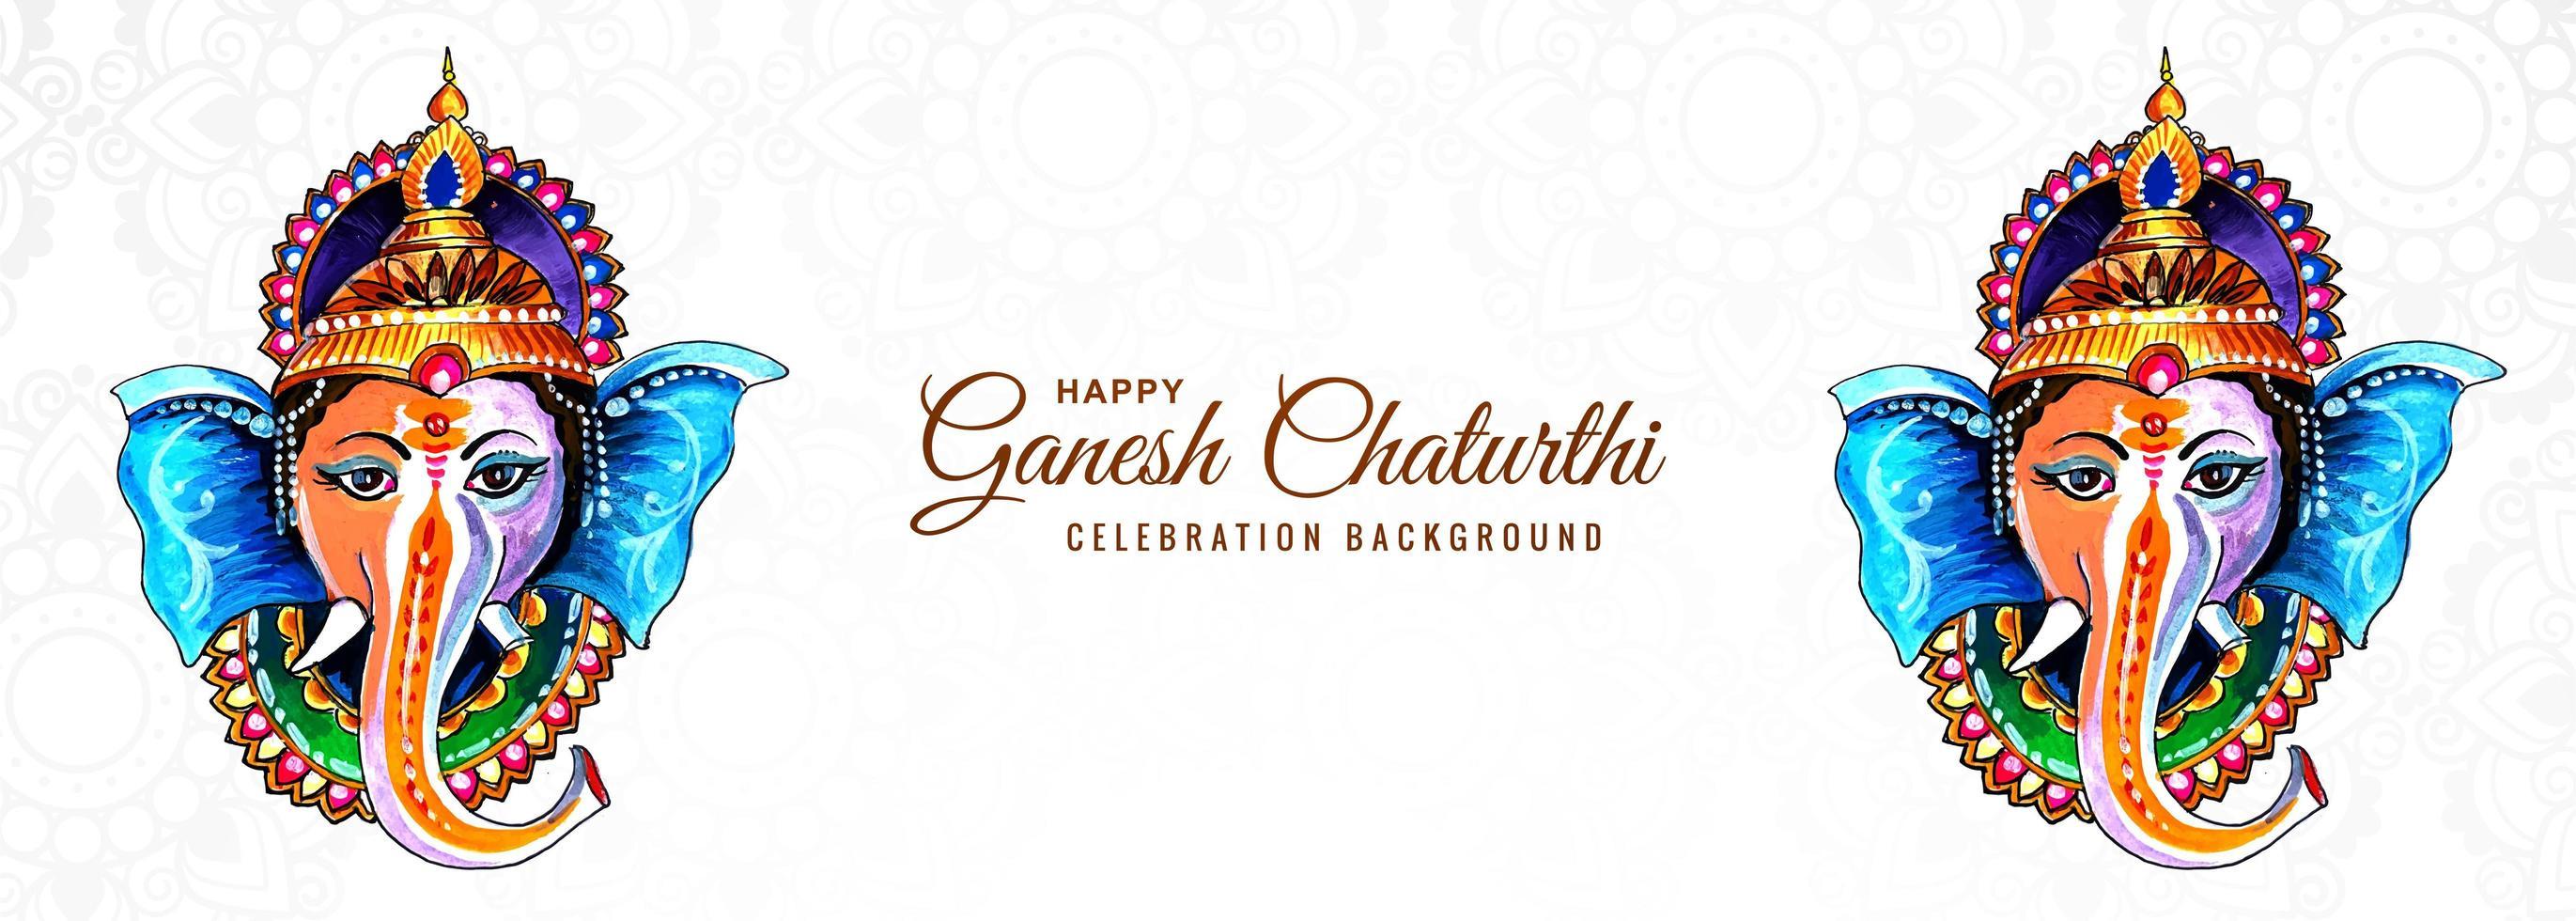 deus hindu ganesha para banner feliz festival ganesh chaturthi vetor